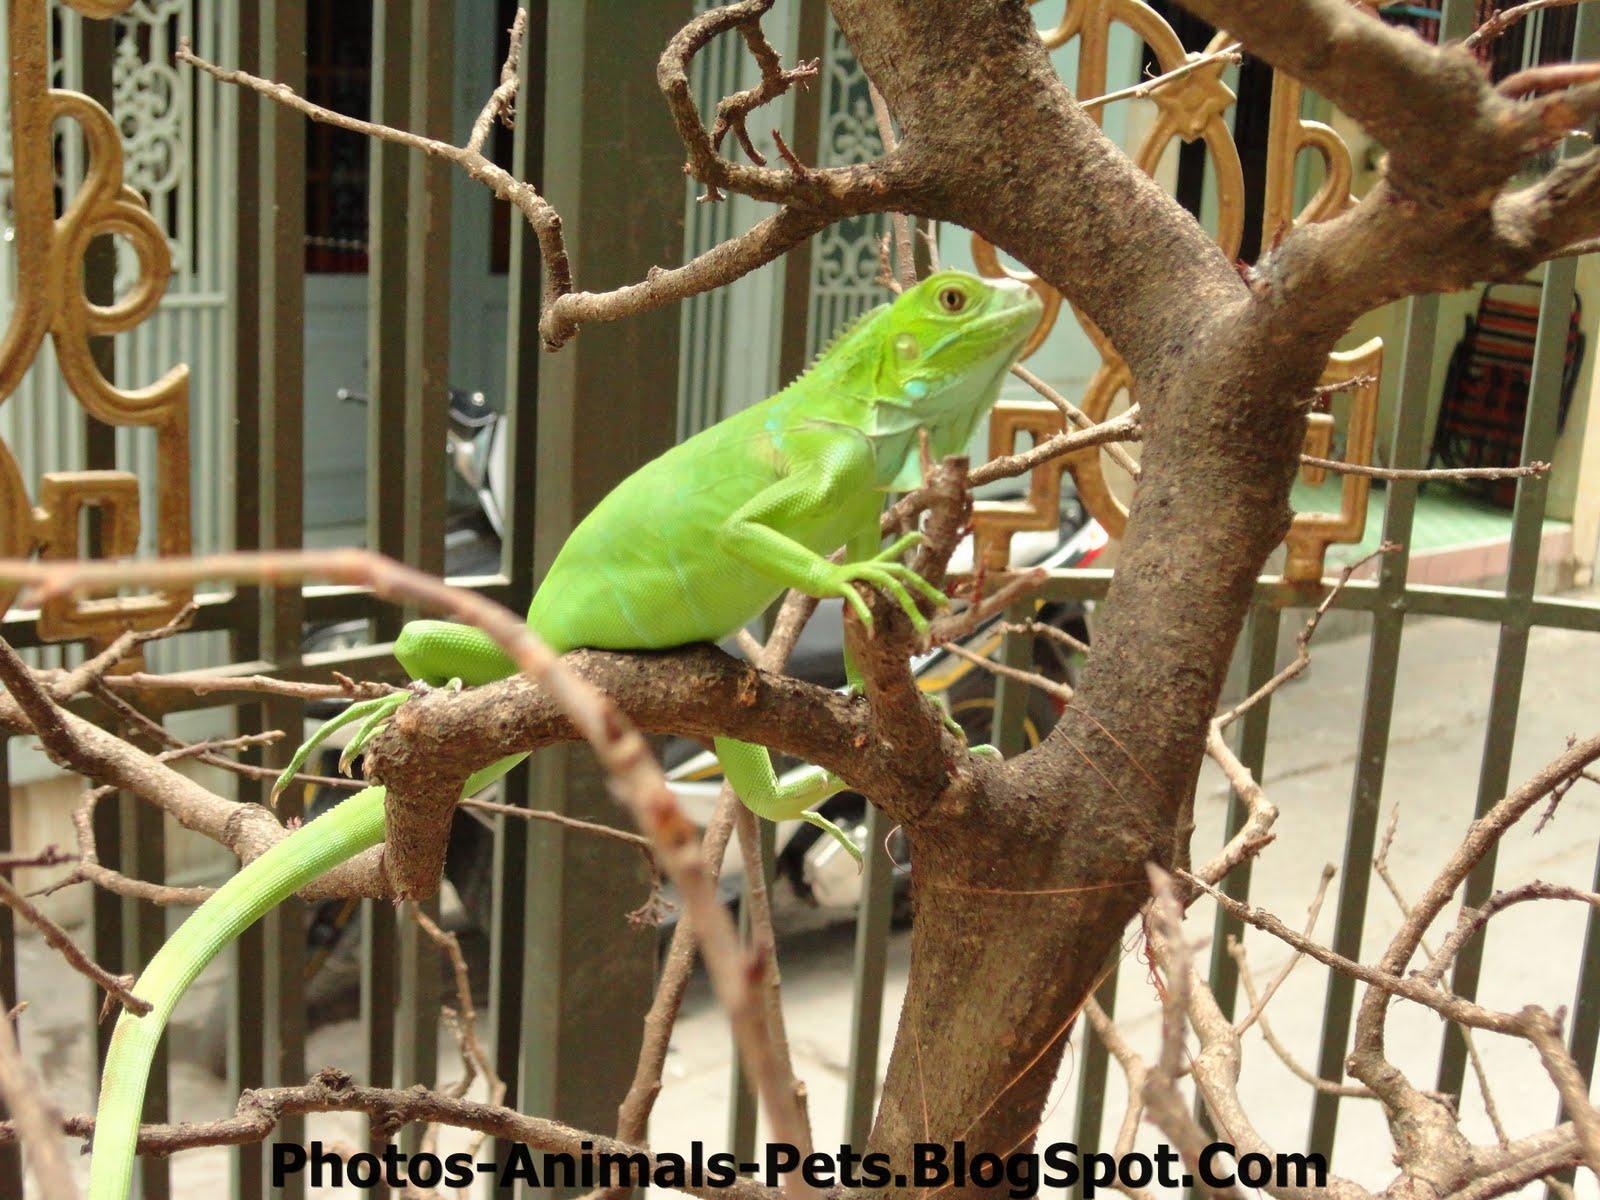 http://3.bp.blogspot.com/-RlEfB1zRnq8/TxG42ZXeJmI/AAAAAAAACvQ/fh3jHnbG3b8/s1600/Green%2BIguana.jpg